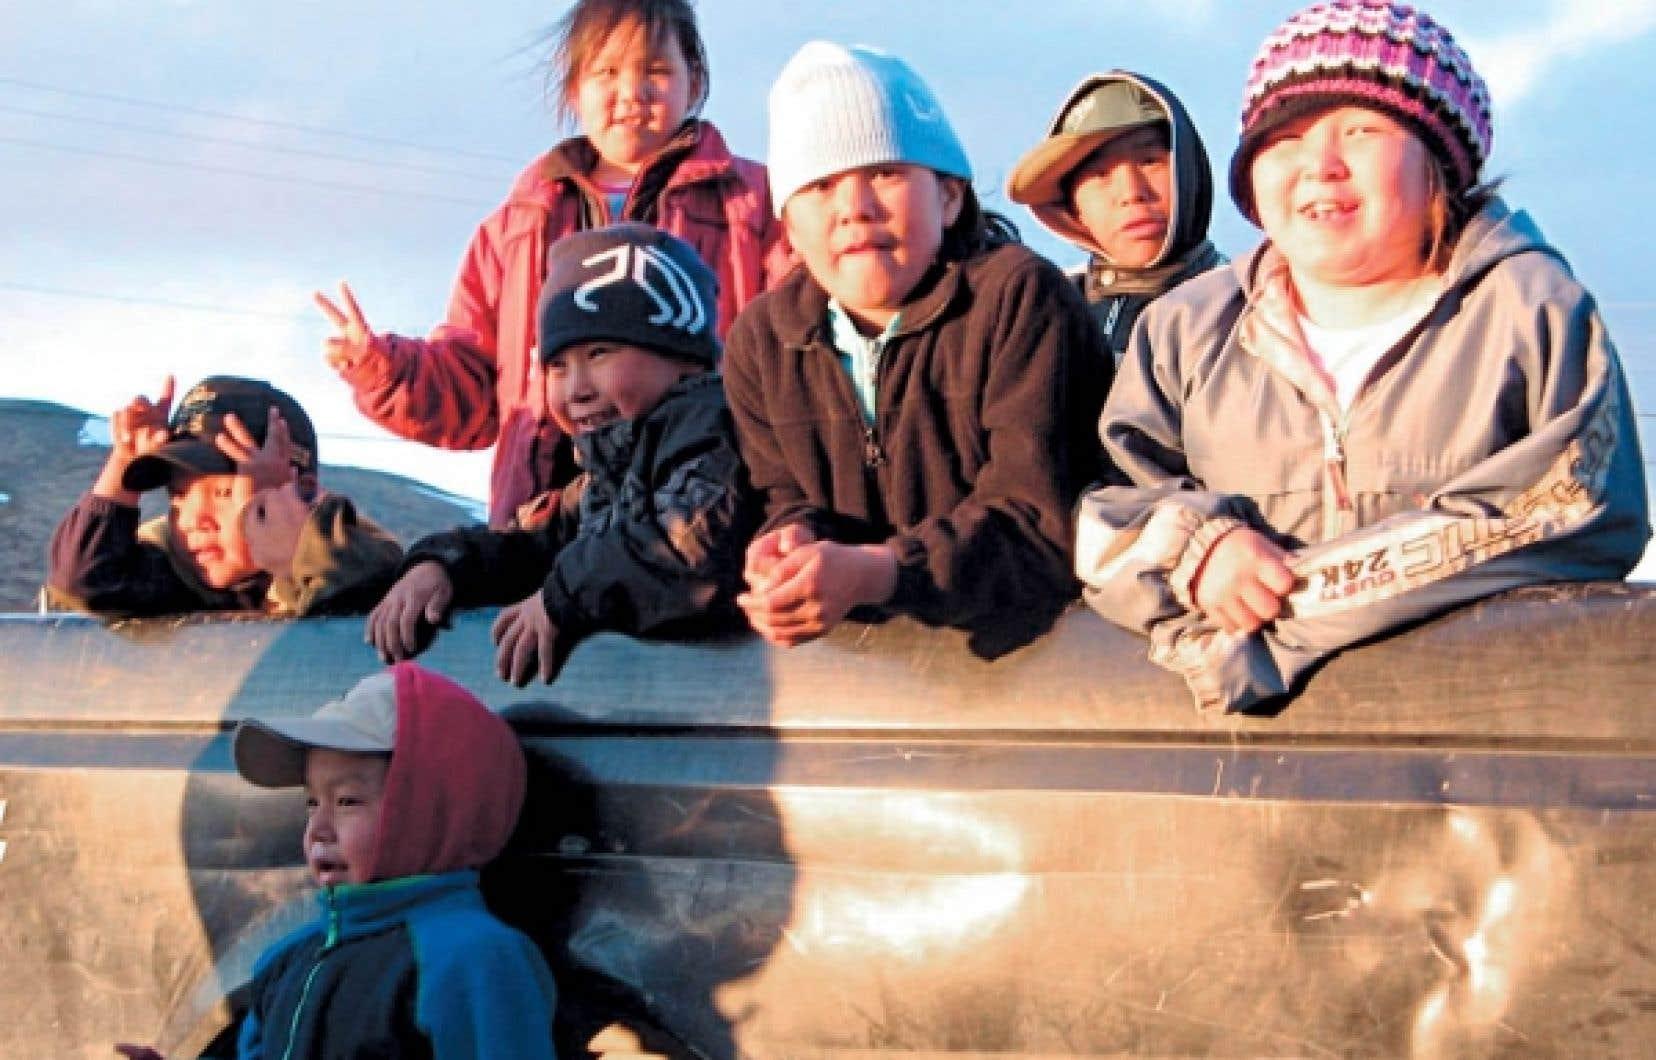 Quand Carole Cadoret est arriv&eacute;e au Nunavik, tous les manuels d&rsquo;enseignement &eacute;taient soit en fran&ccedil;ais, soit en anglais, m&rsquo;apprend Carole Cadoret. Aucun ne tenait compte de la culture des Inuits.<br />